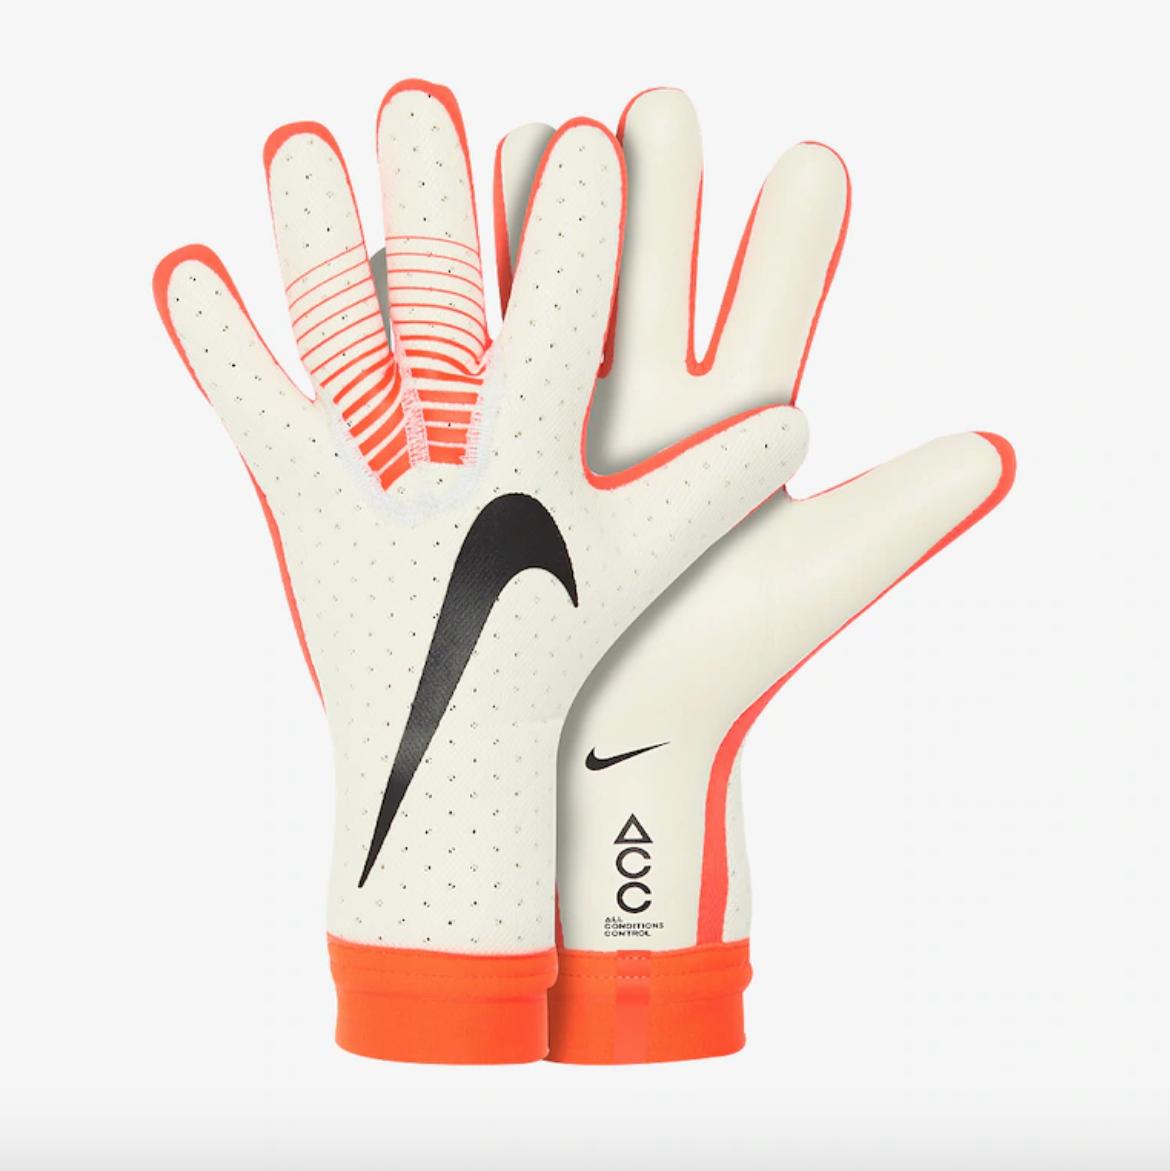 gants-Nike-GK-Mercurial-Touch-elite-euphoria-1